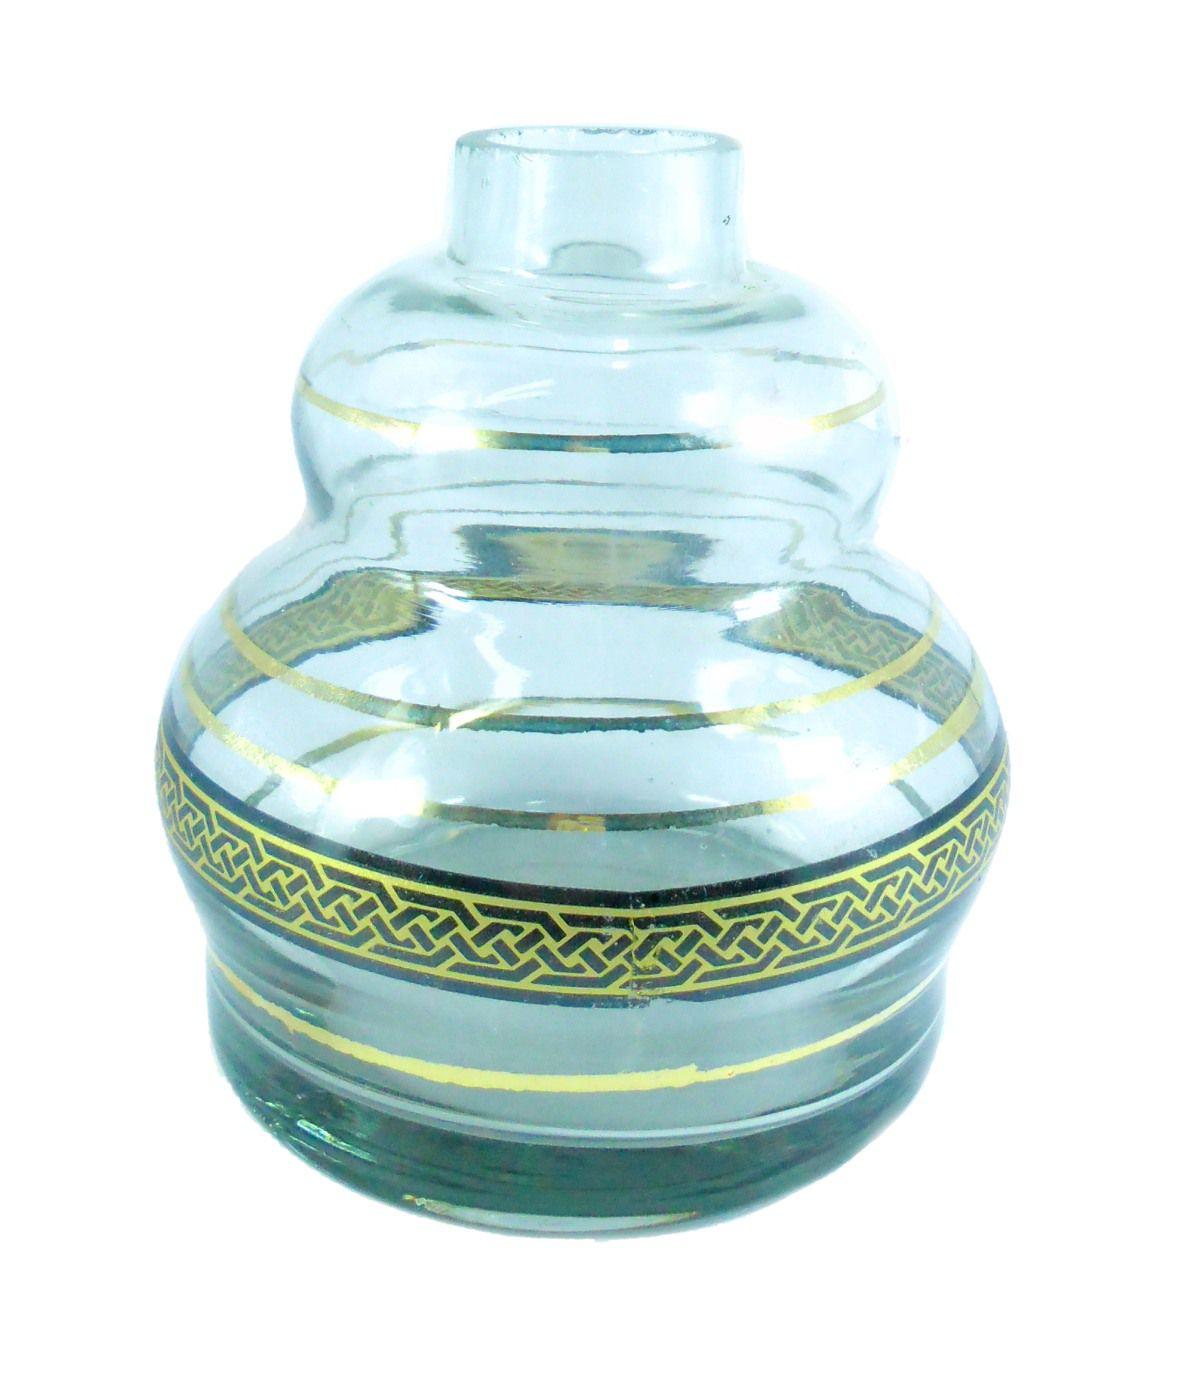 Vaso/base para narguile YAHYA DOUBLE tipo macho. Vidro decorado com listras e faixa dourada. V136